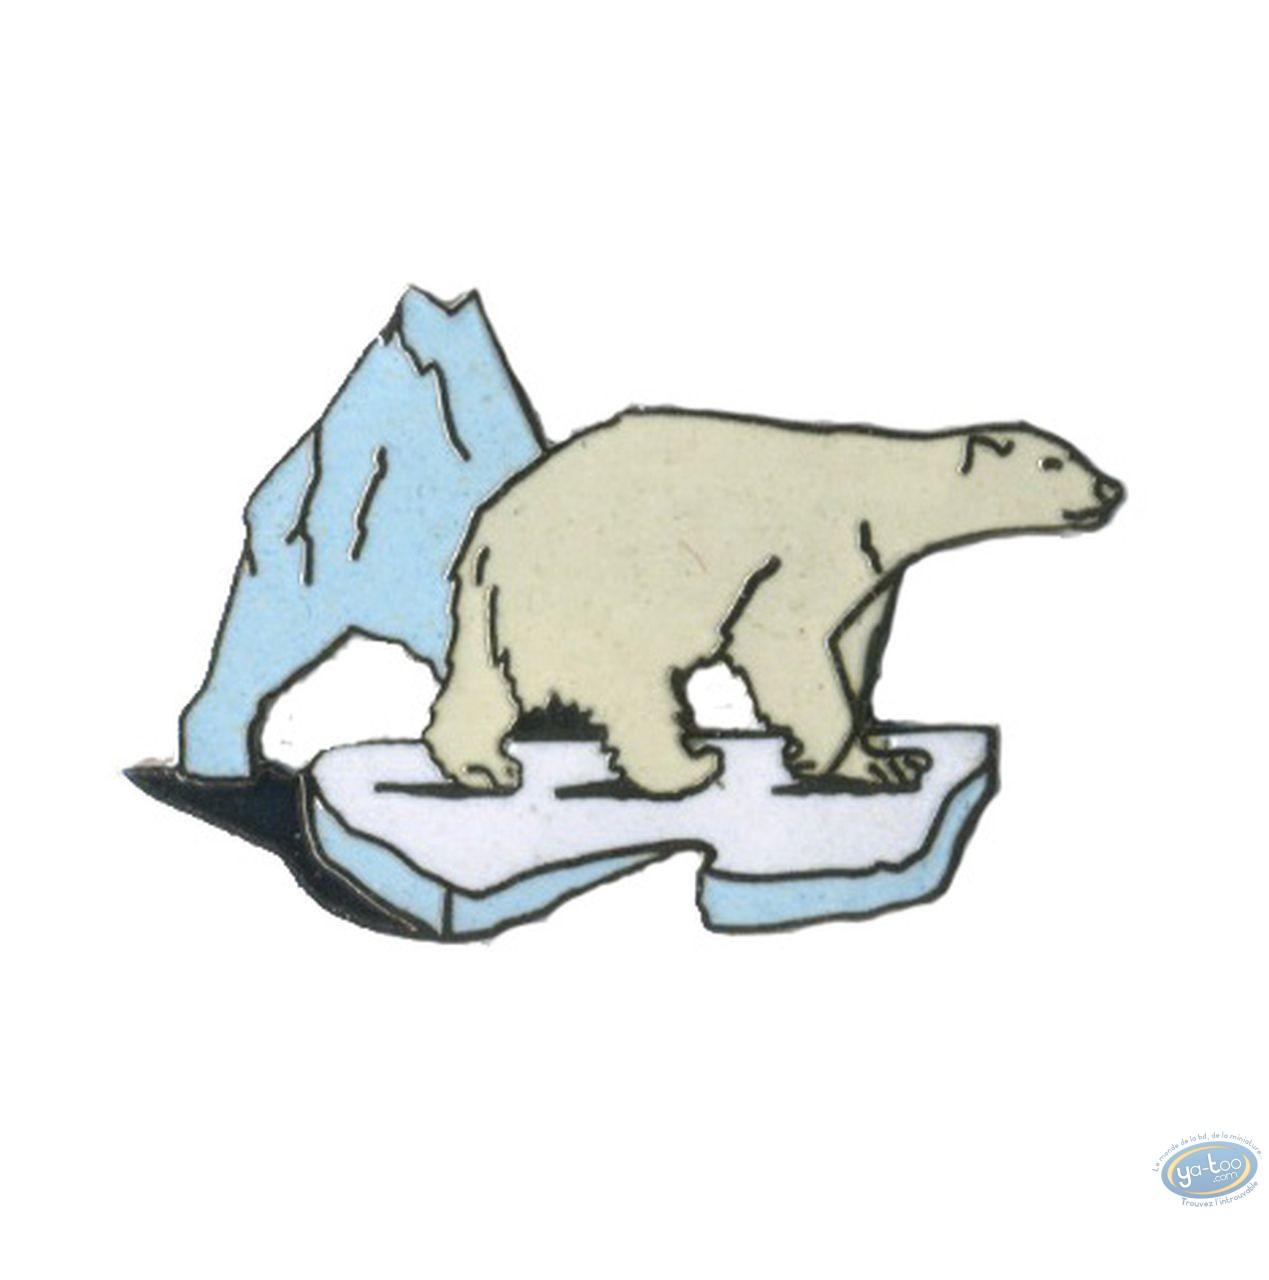 Pin's, Polar bear on piece of ice